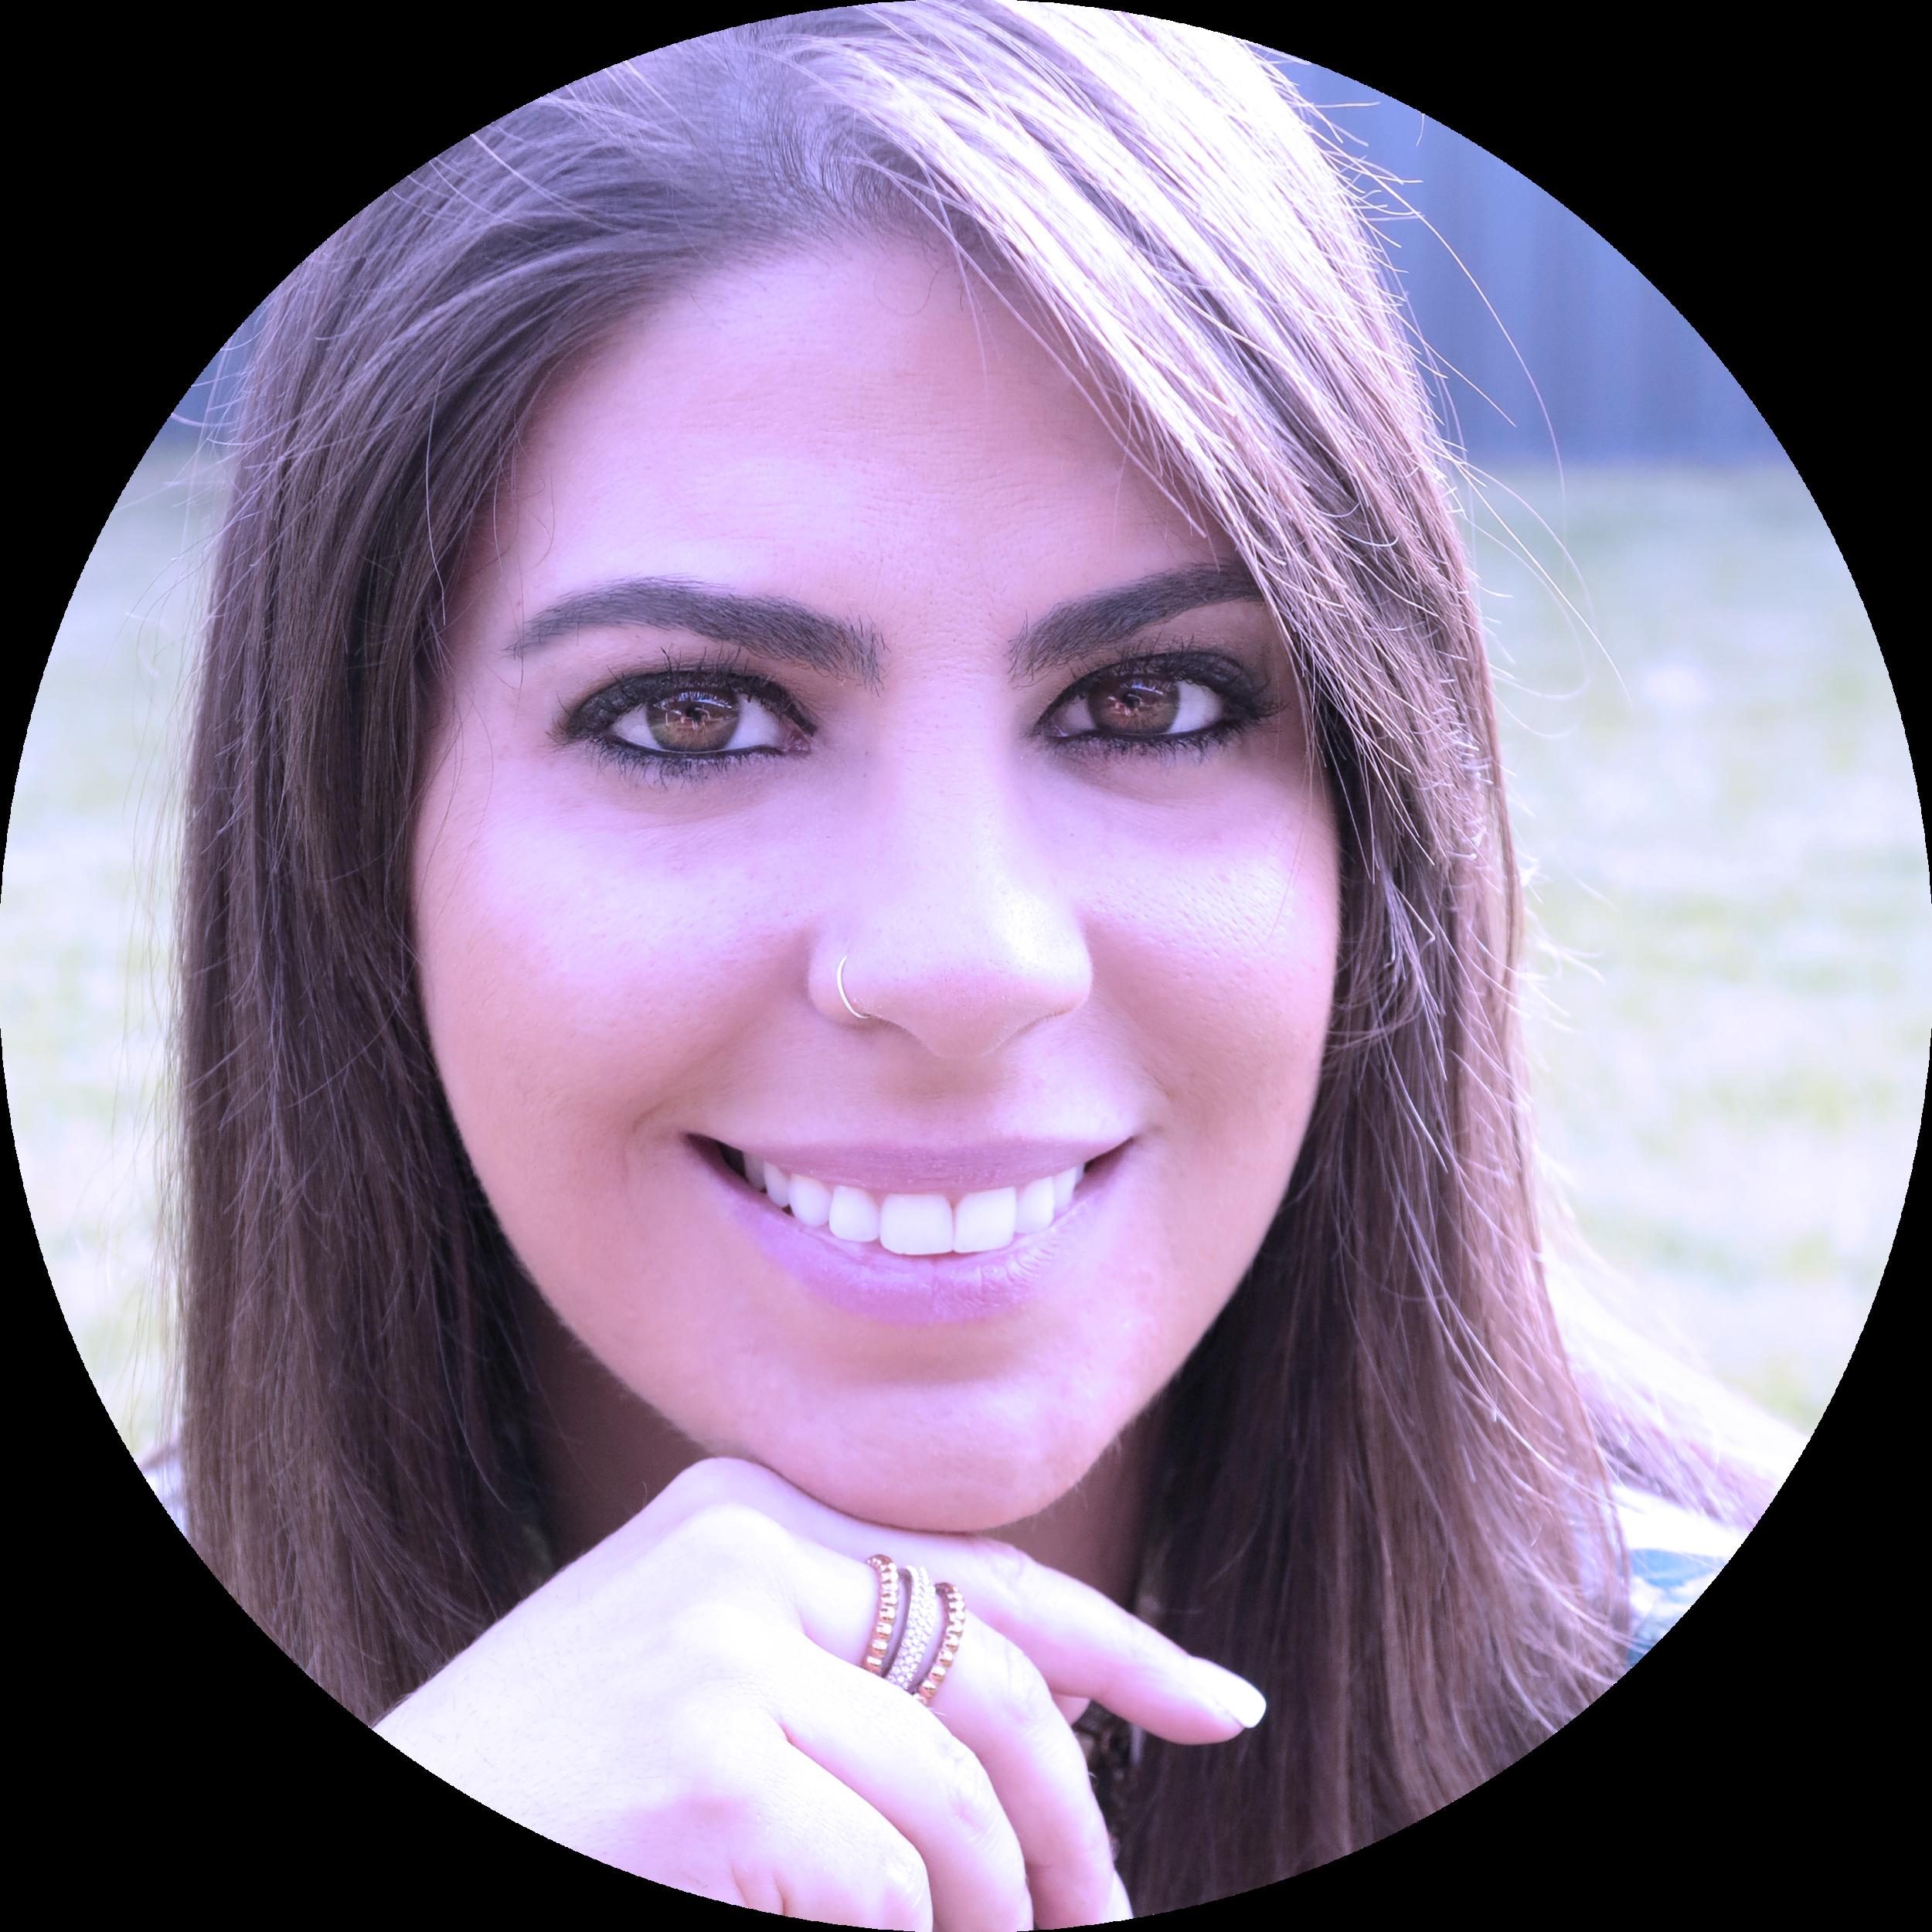 laura cacau - coach em alinhamento de vida e finanças, terapeuta holística e embaixadora da wmn na austrália. ela pode ser a sua também.